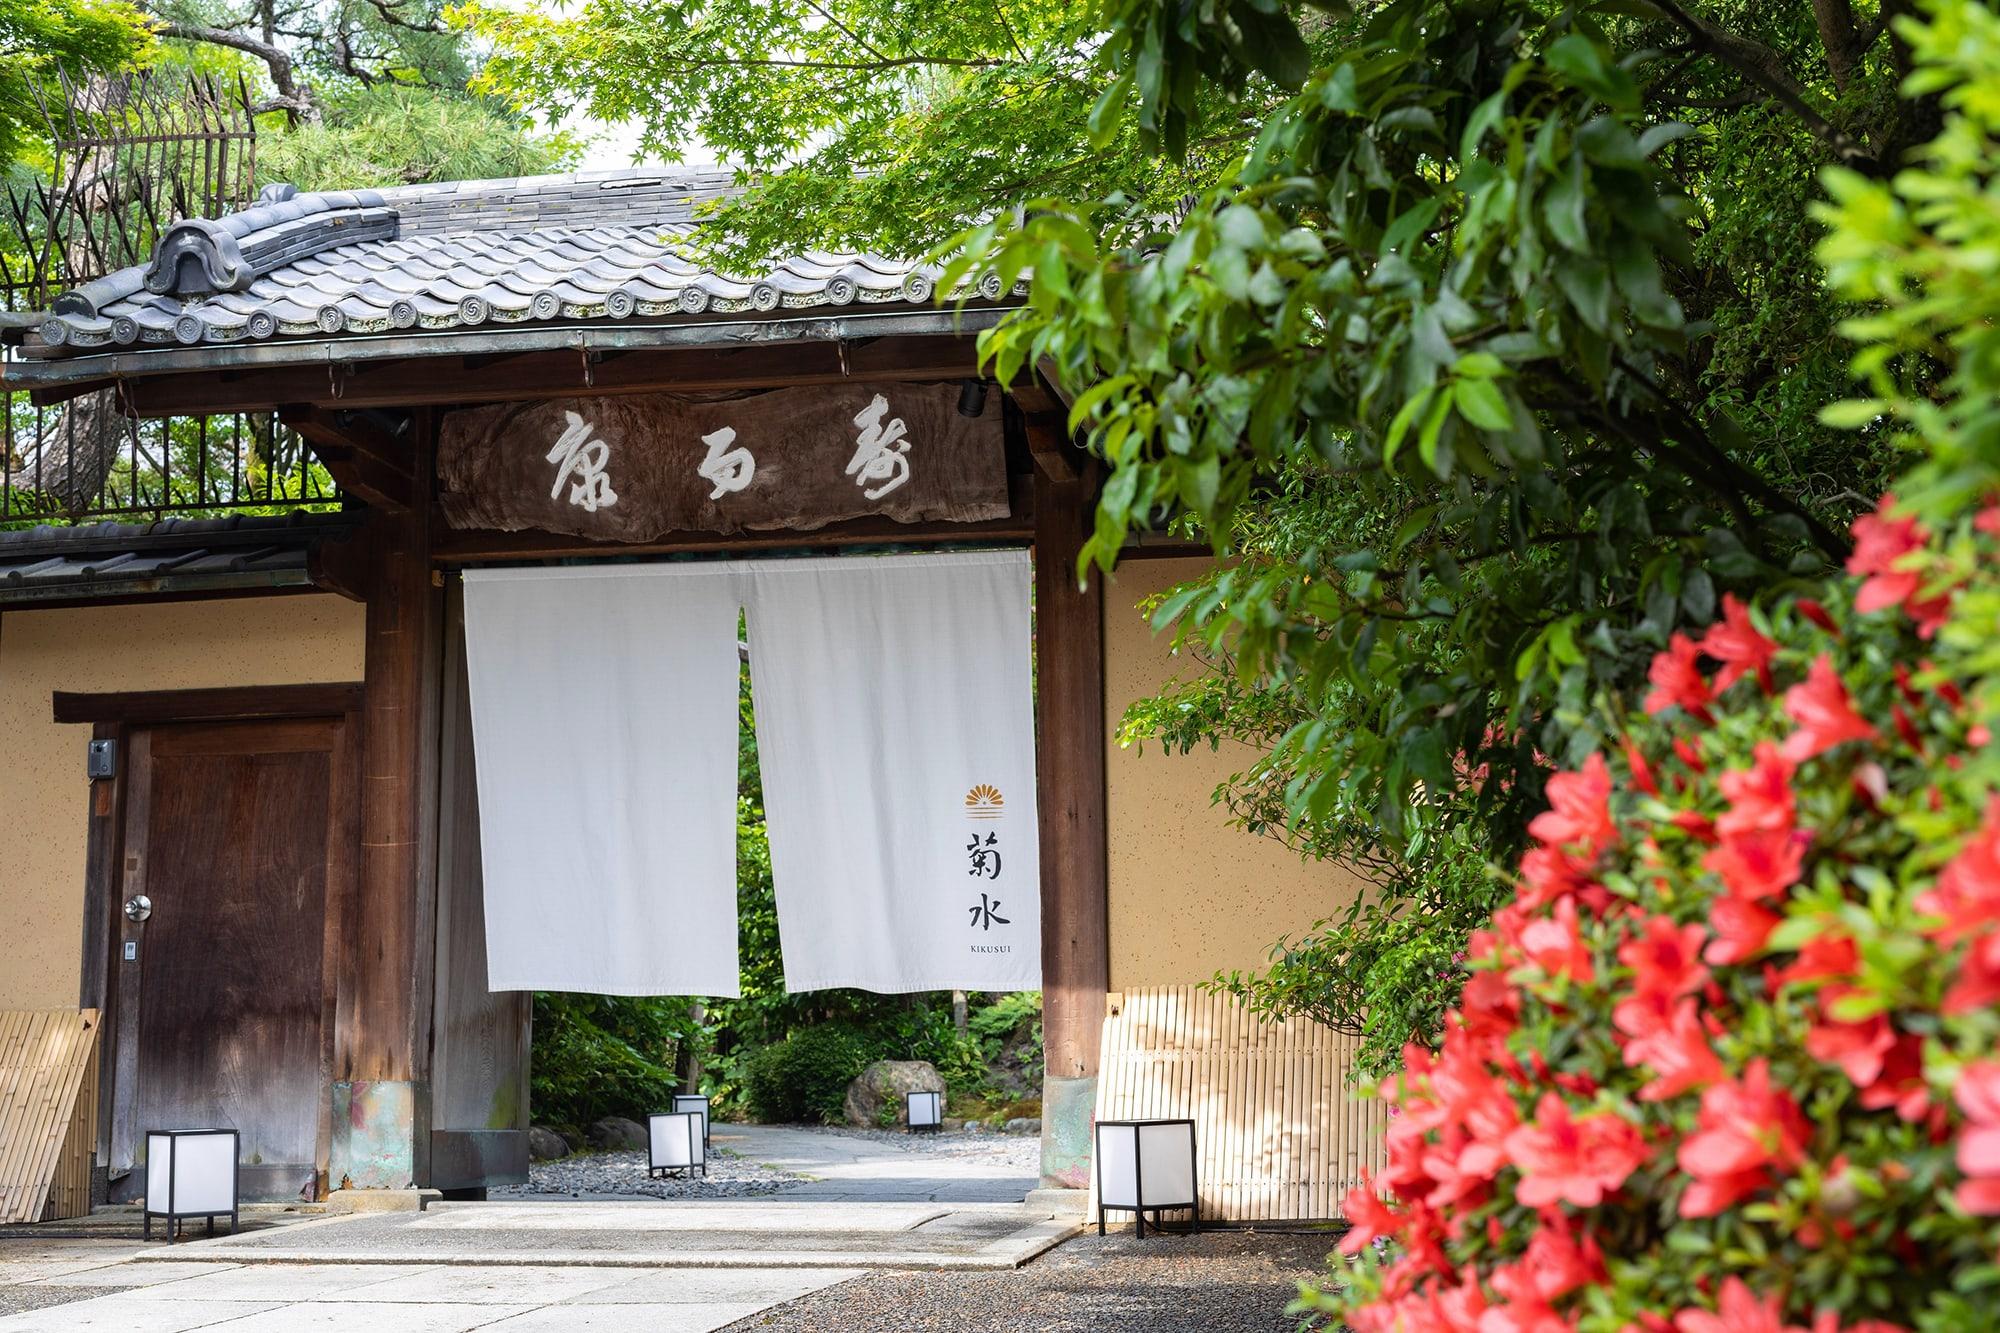 南禅寺参道から脇道を入った先にある、菊水の正面入り口。この奥に820坪の名庭園が広がる。